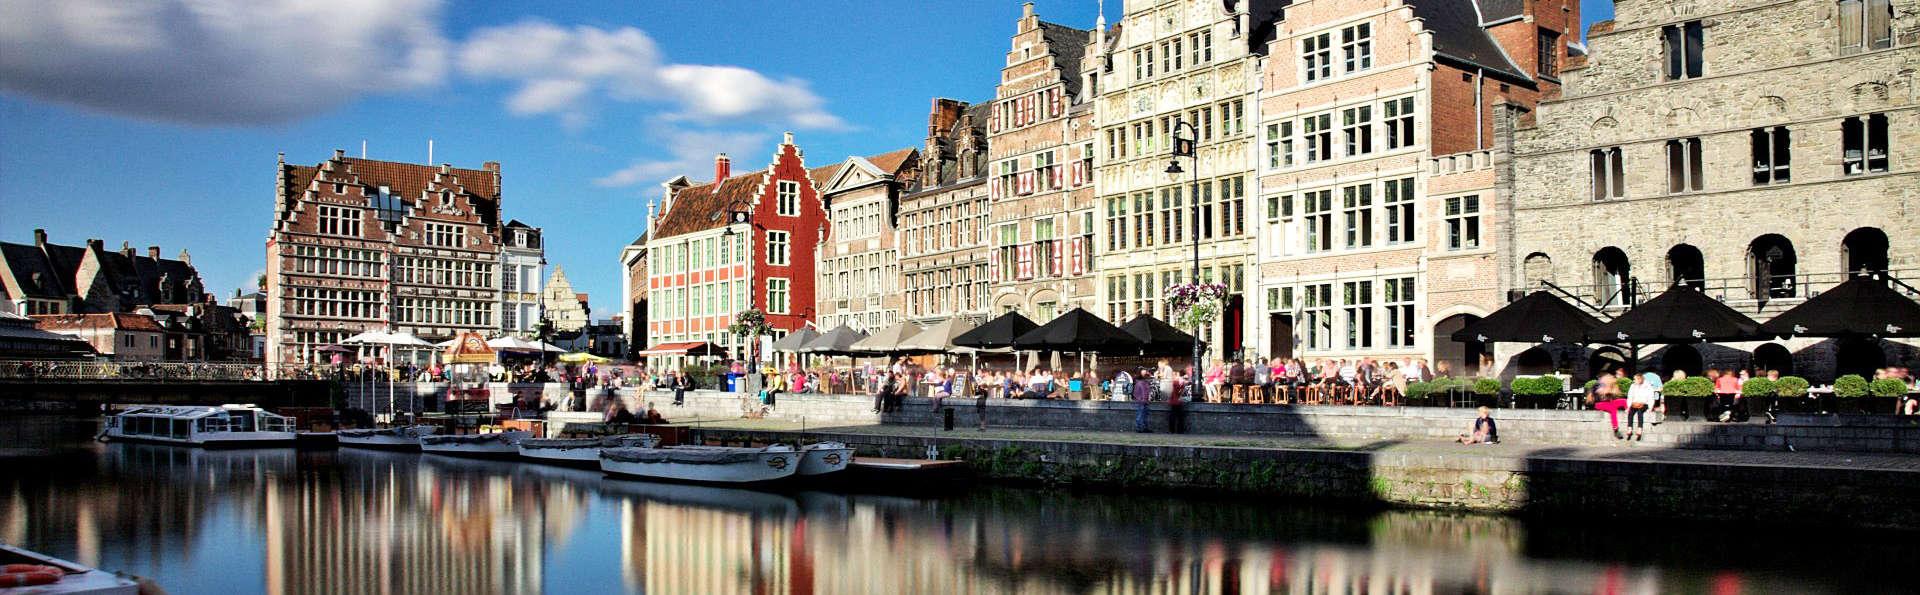 Découvrez la belle ville de Gand depuis un bateau